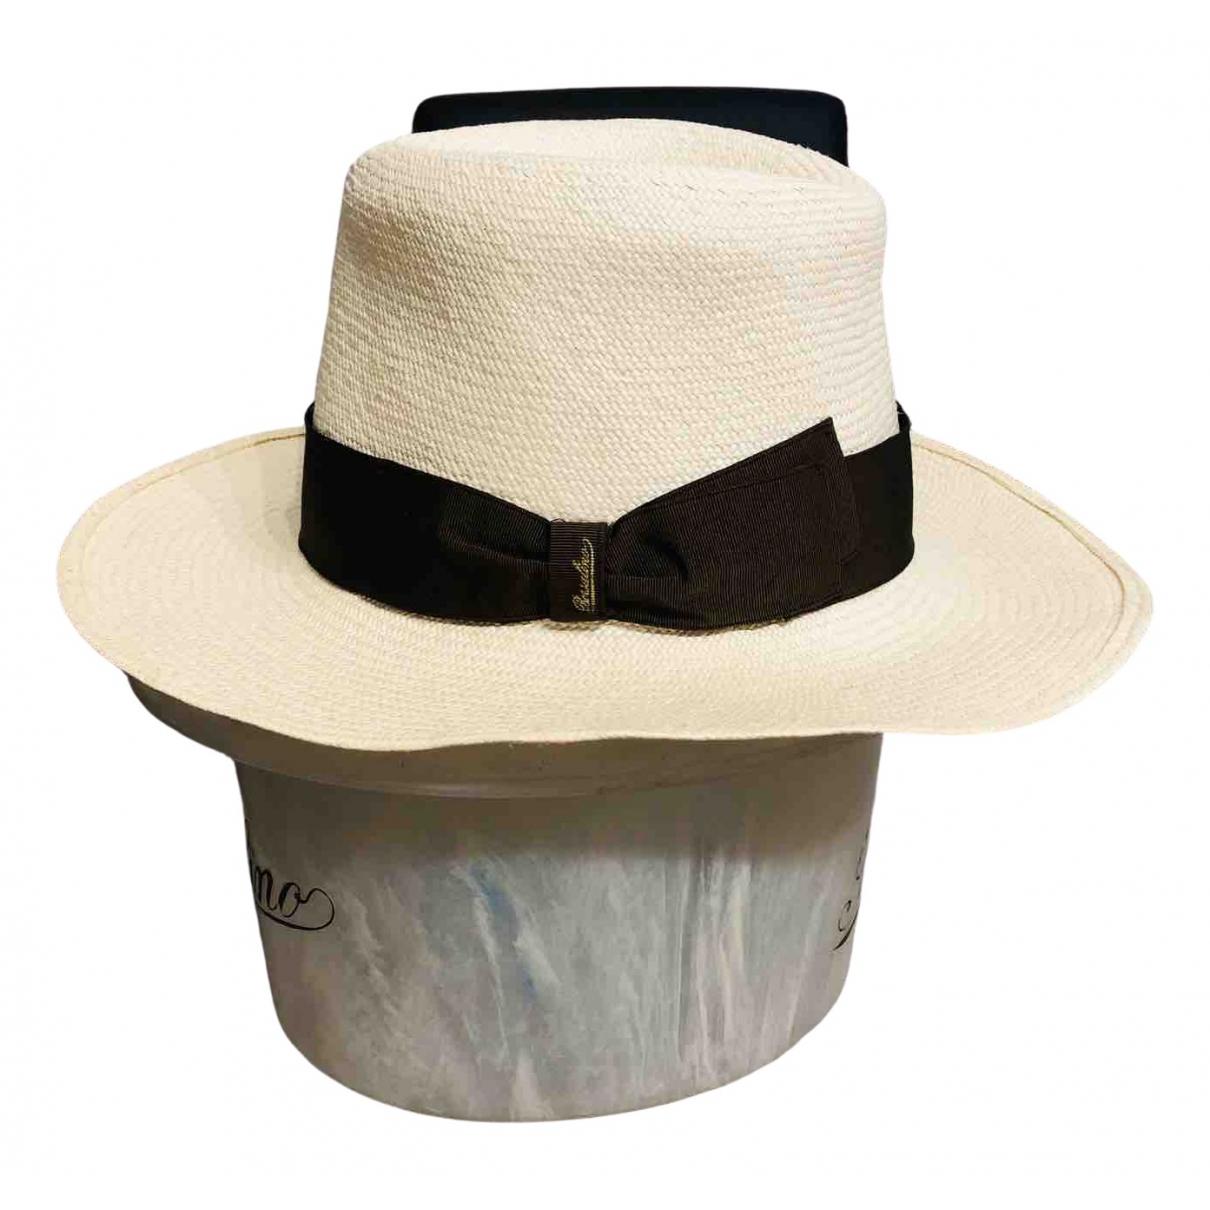 Borsalino - Chapeau & Bonnets   pour homme en paille